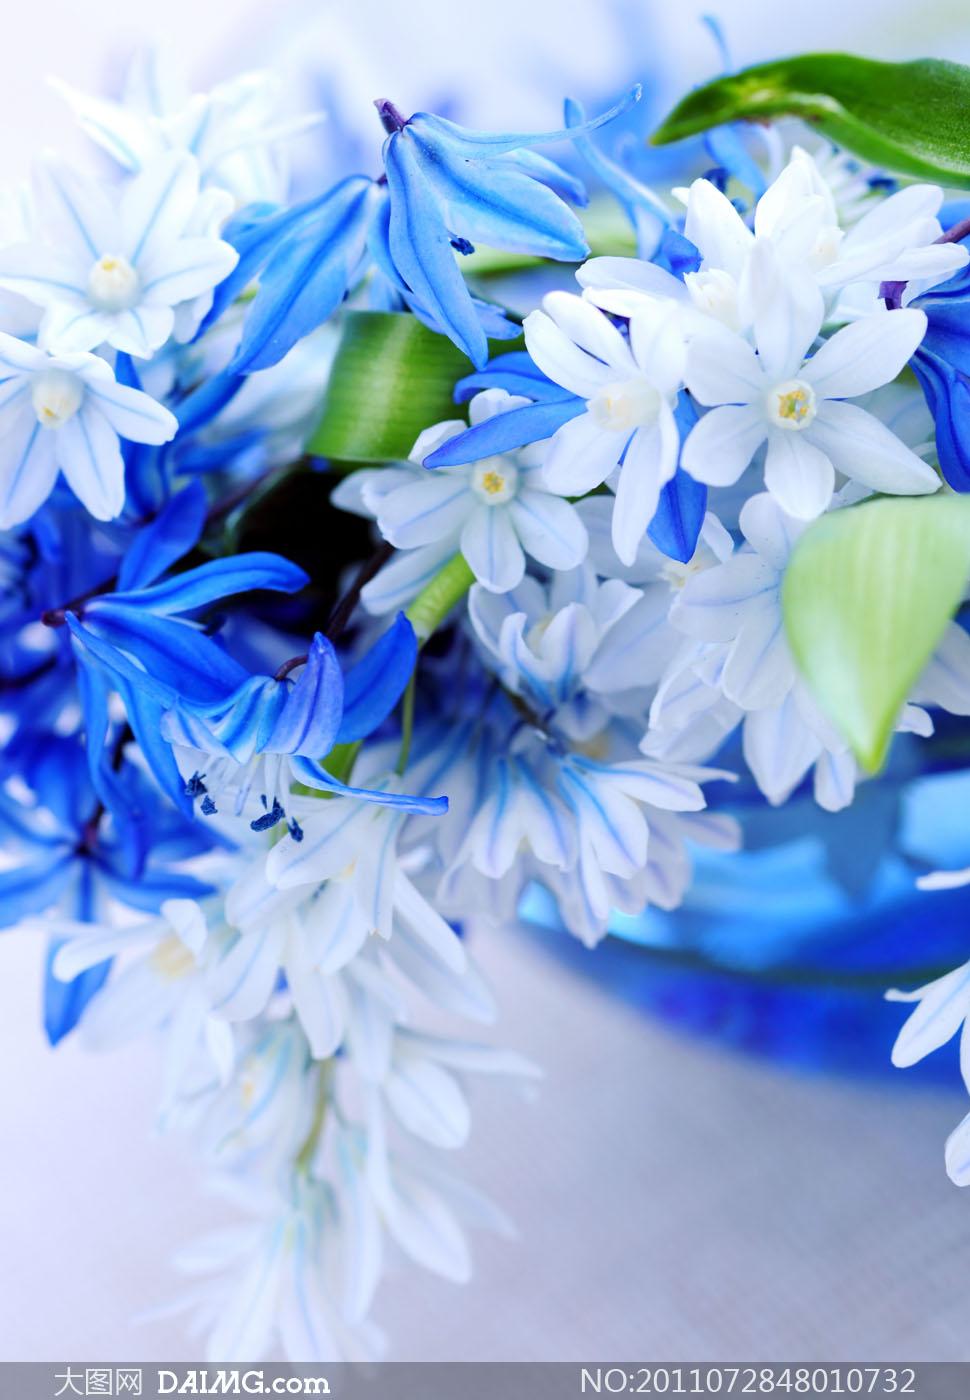 蓝色和白色花束鲜花高清摄影图片